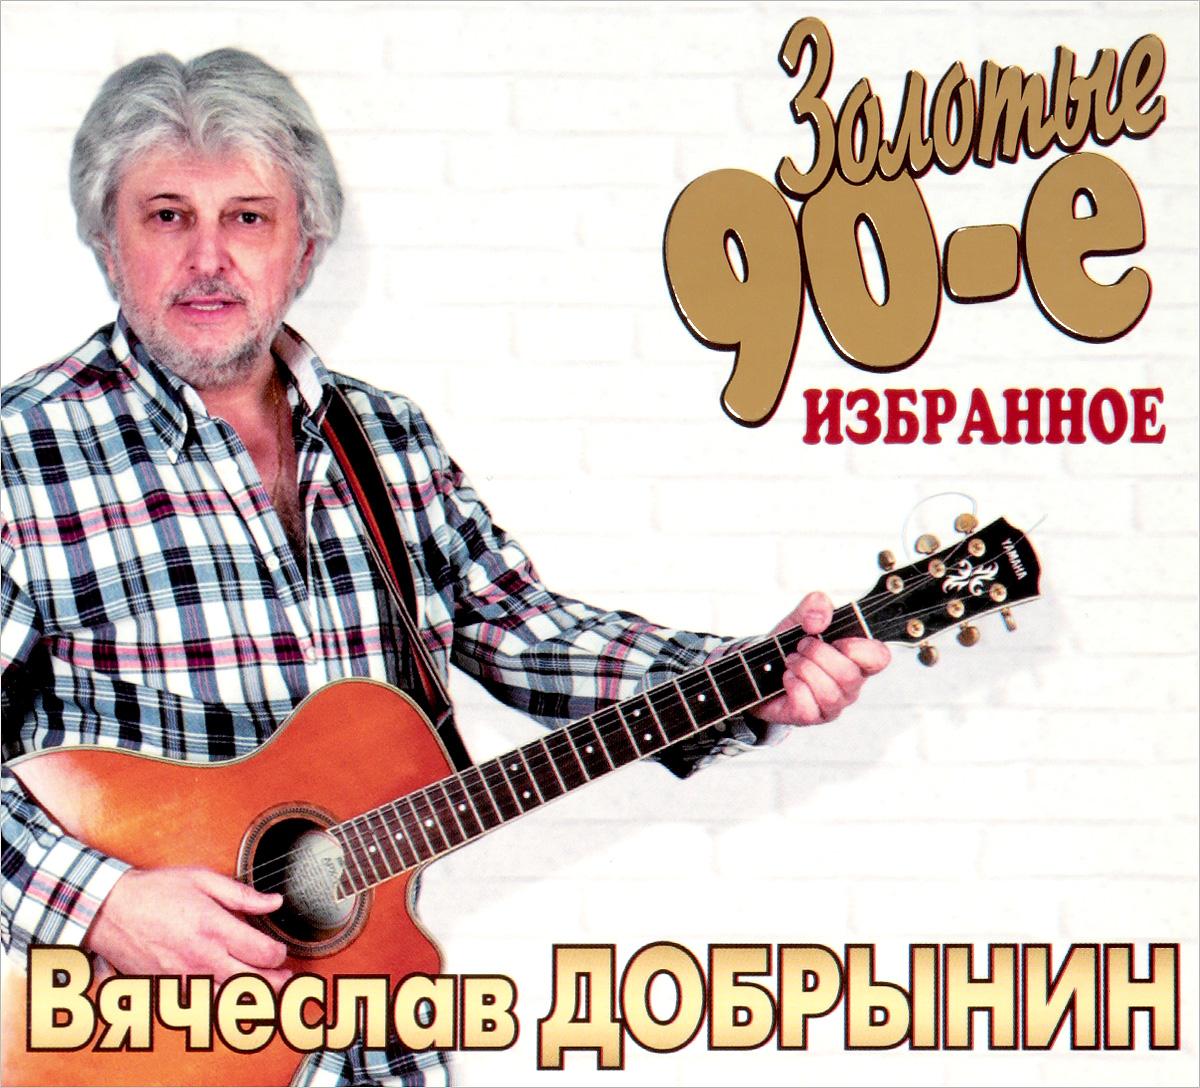 Вячеслав Добрынин Добрынин Вячеслав. Золотые 90-е